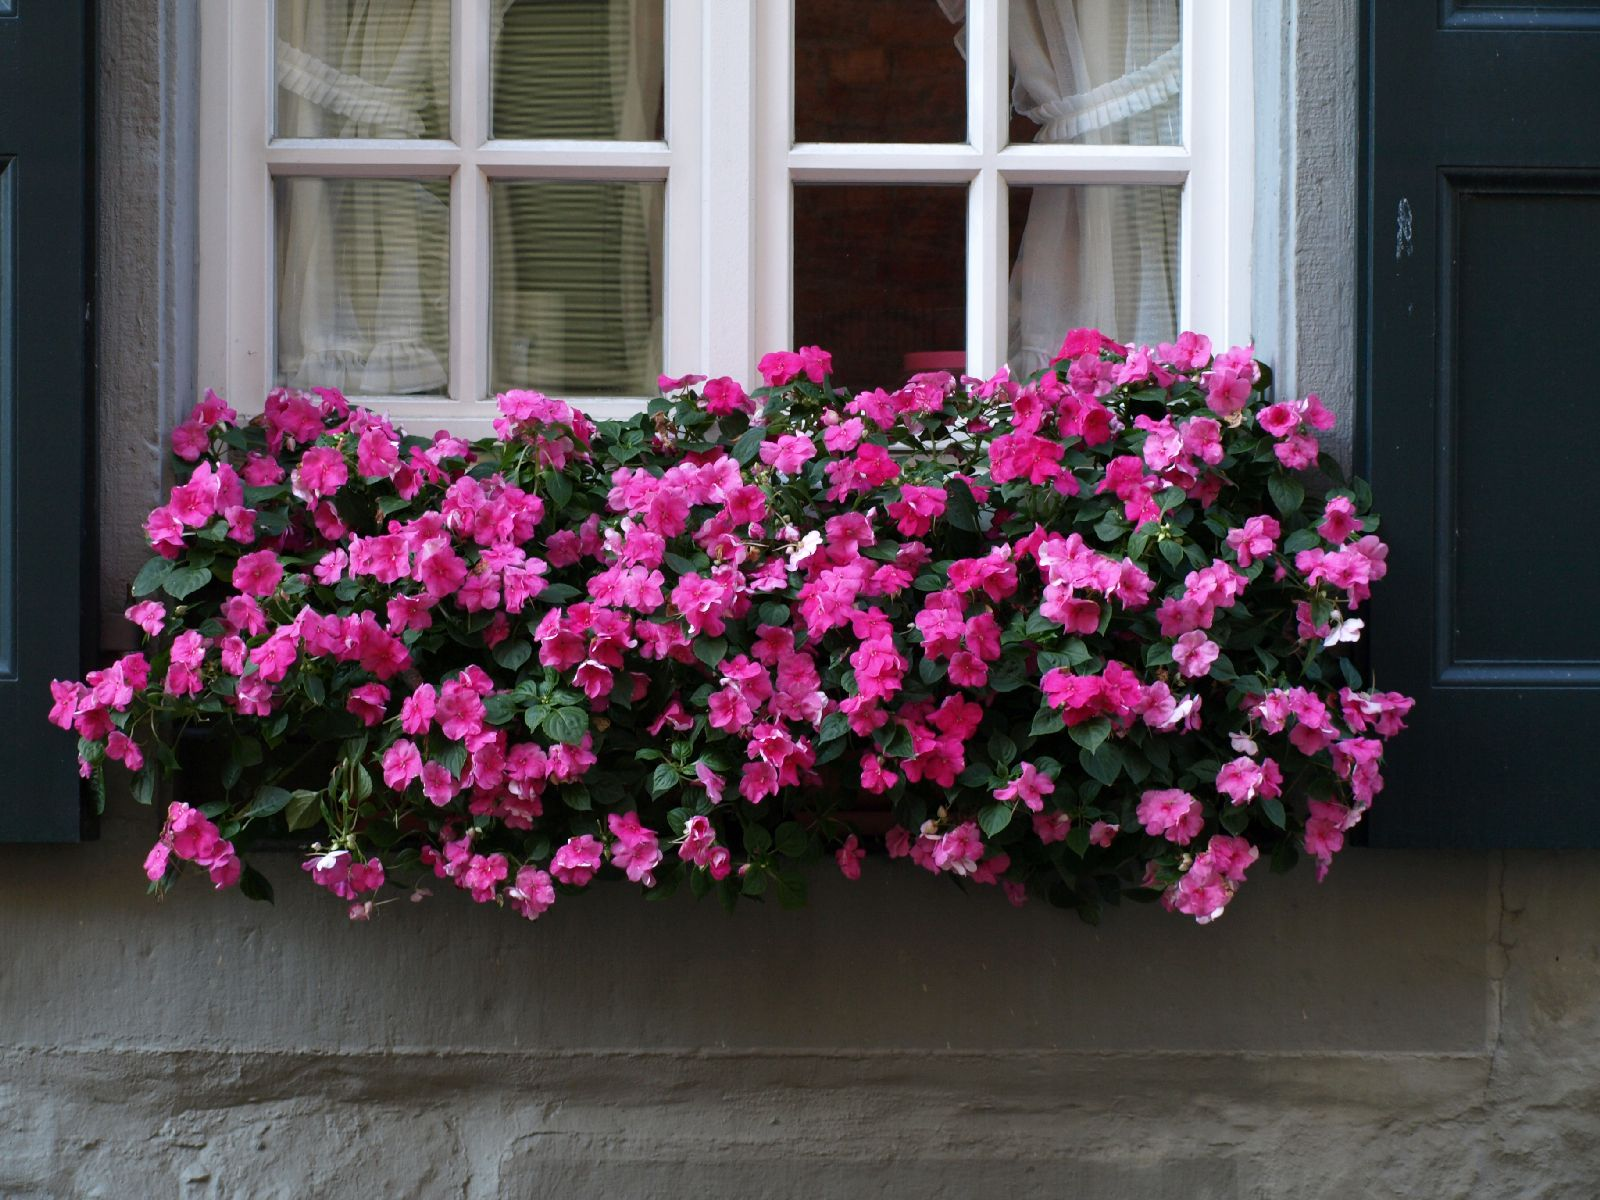 Pflanzen-Blumen-Foto_Textur_B_P8164434